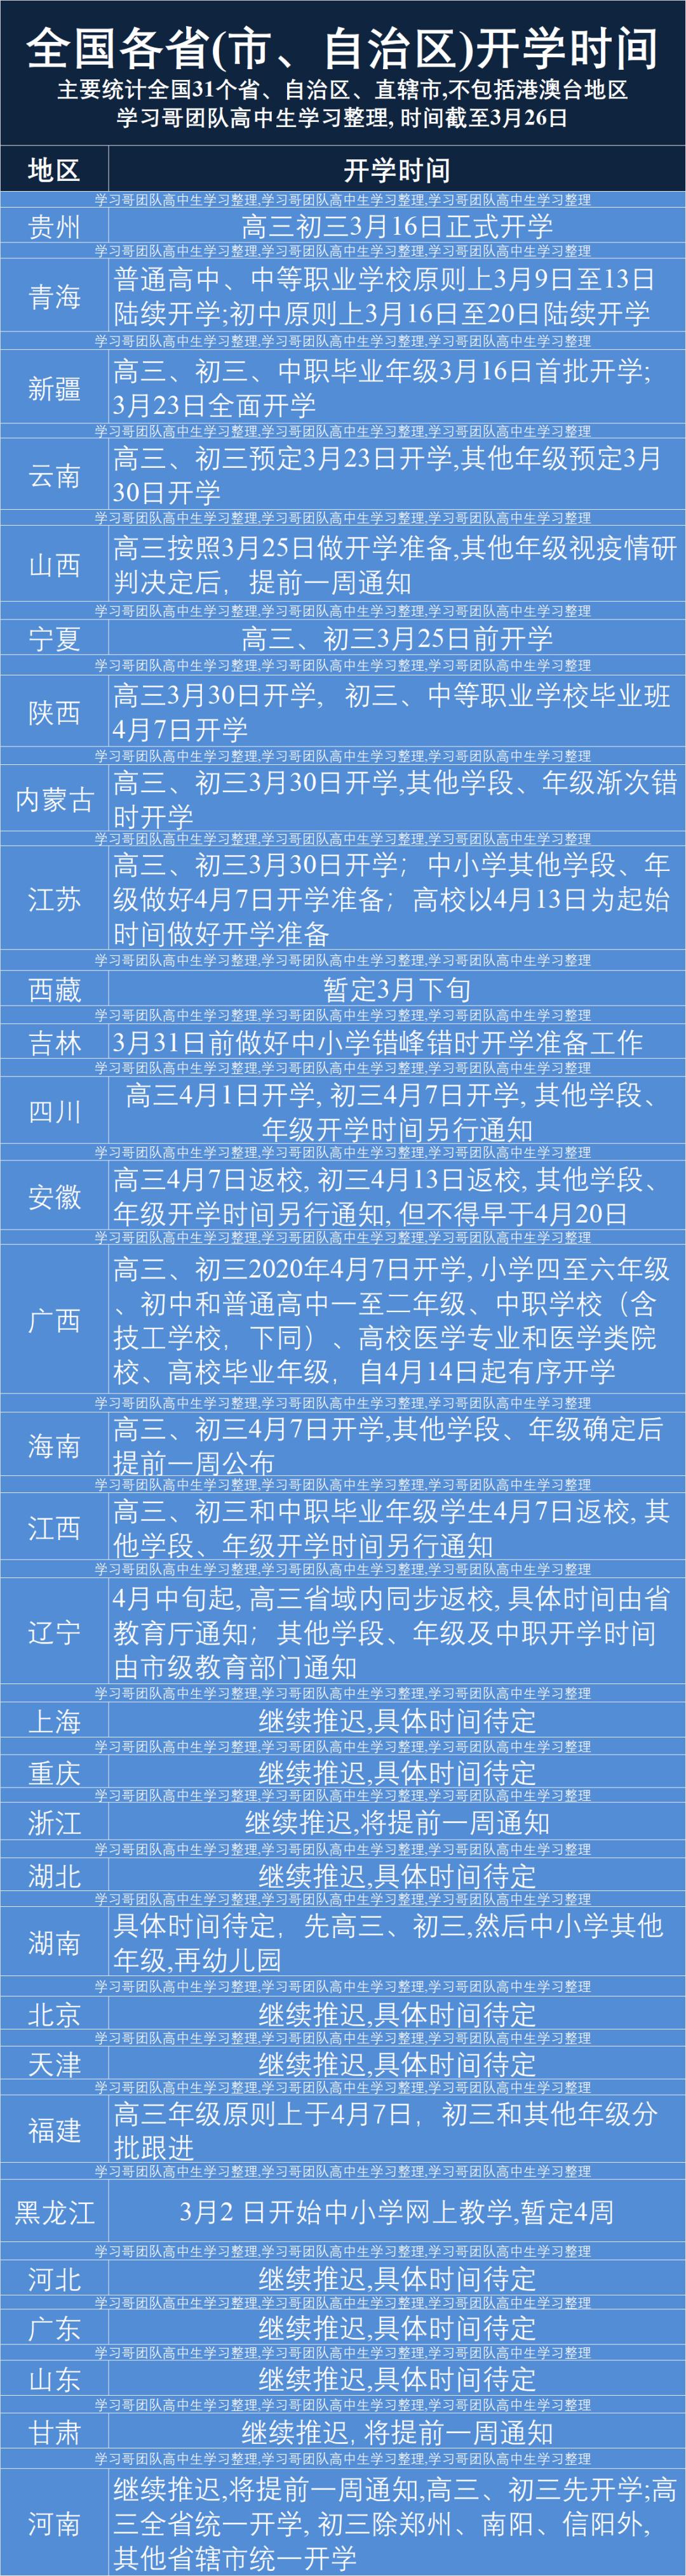 安徽公布开学时间!2020年全国开学时间表最新消息 福建陕西内蒙古云南广西青海延迟开学时间一览